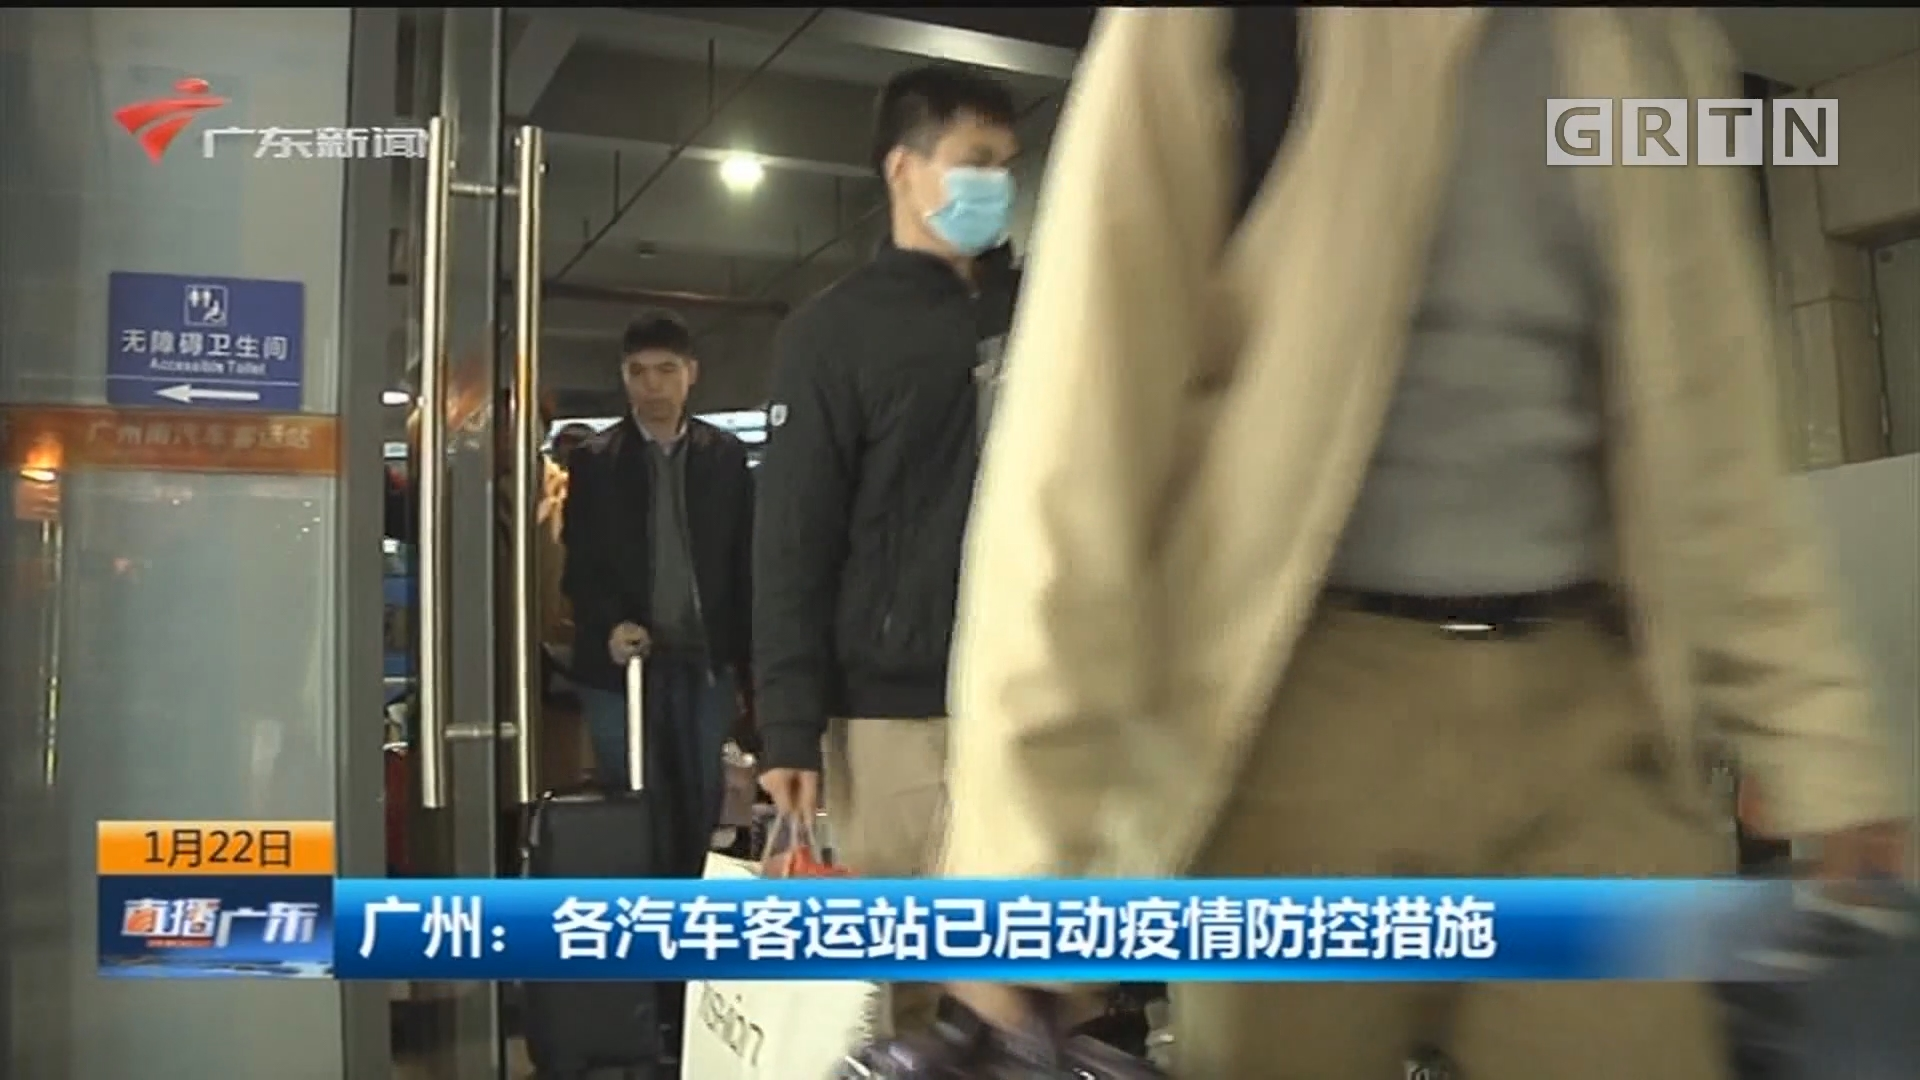 广州:各汽车客运站已启动疫情防控措施